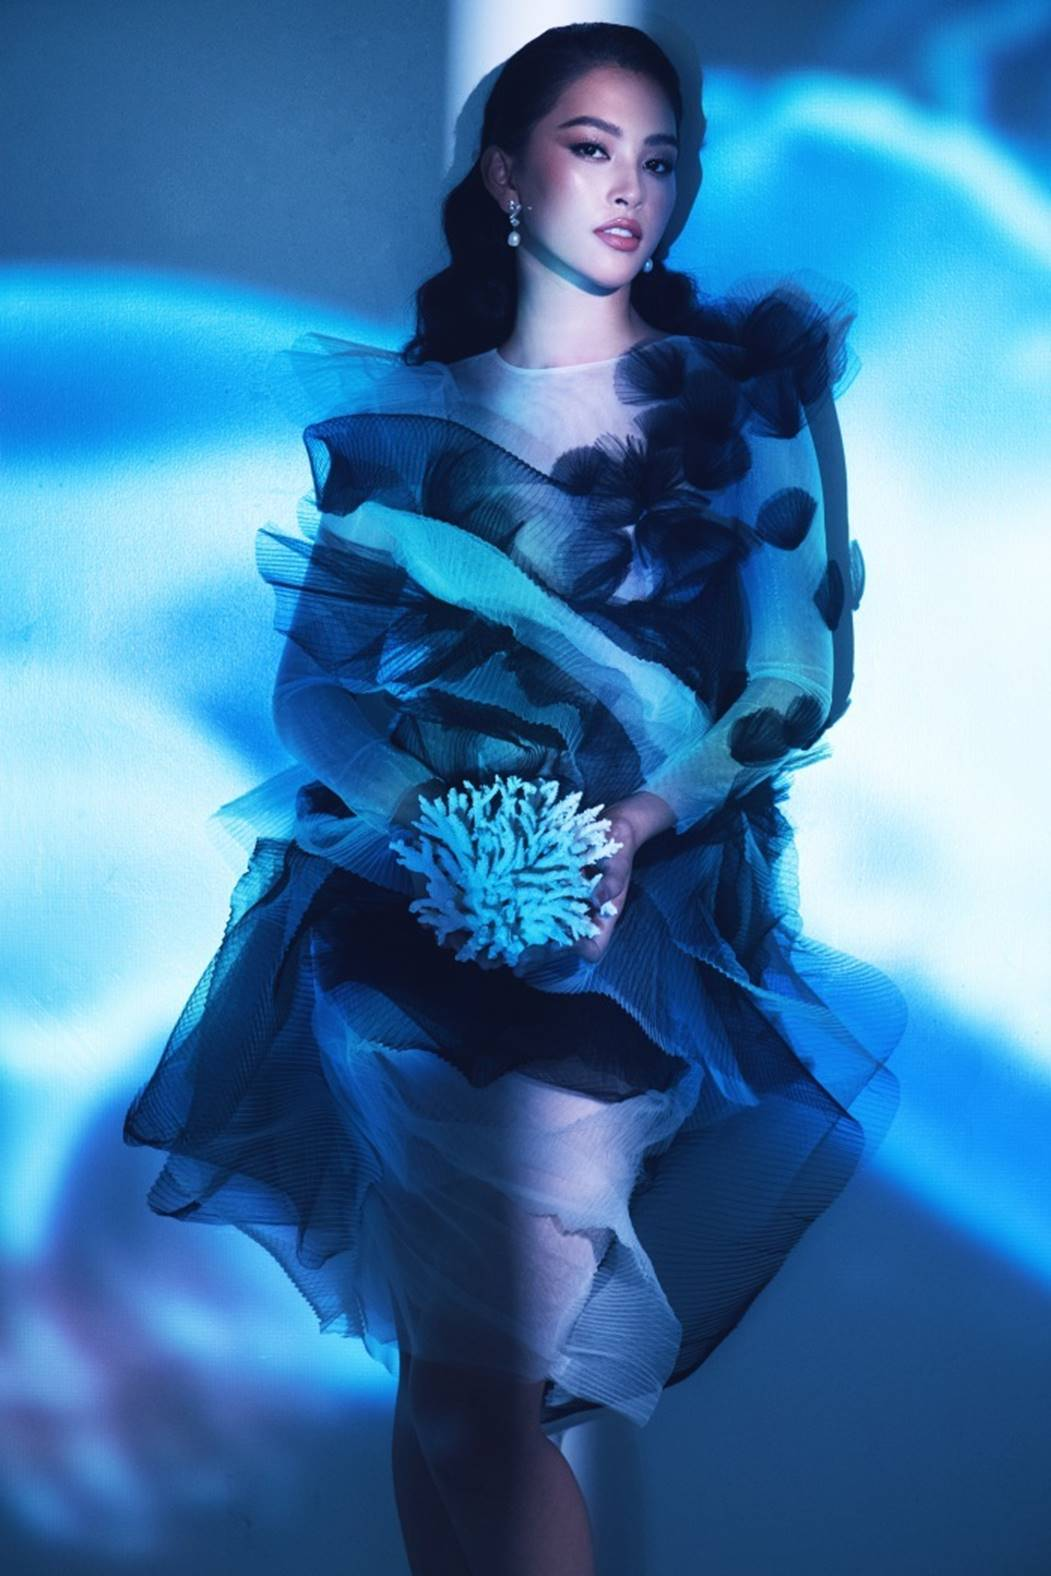 Đỗ Mỹ Linh, Tiểu Vy đẹp mê hoặc trong hình tượng nữ thần biển cả-6